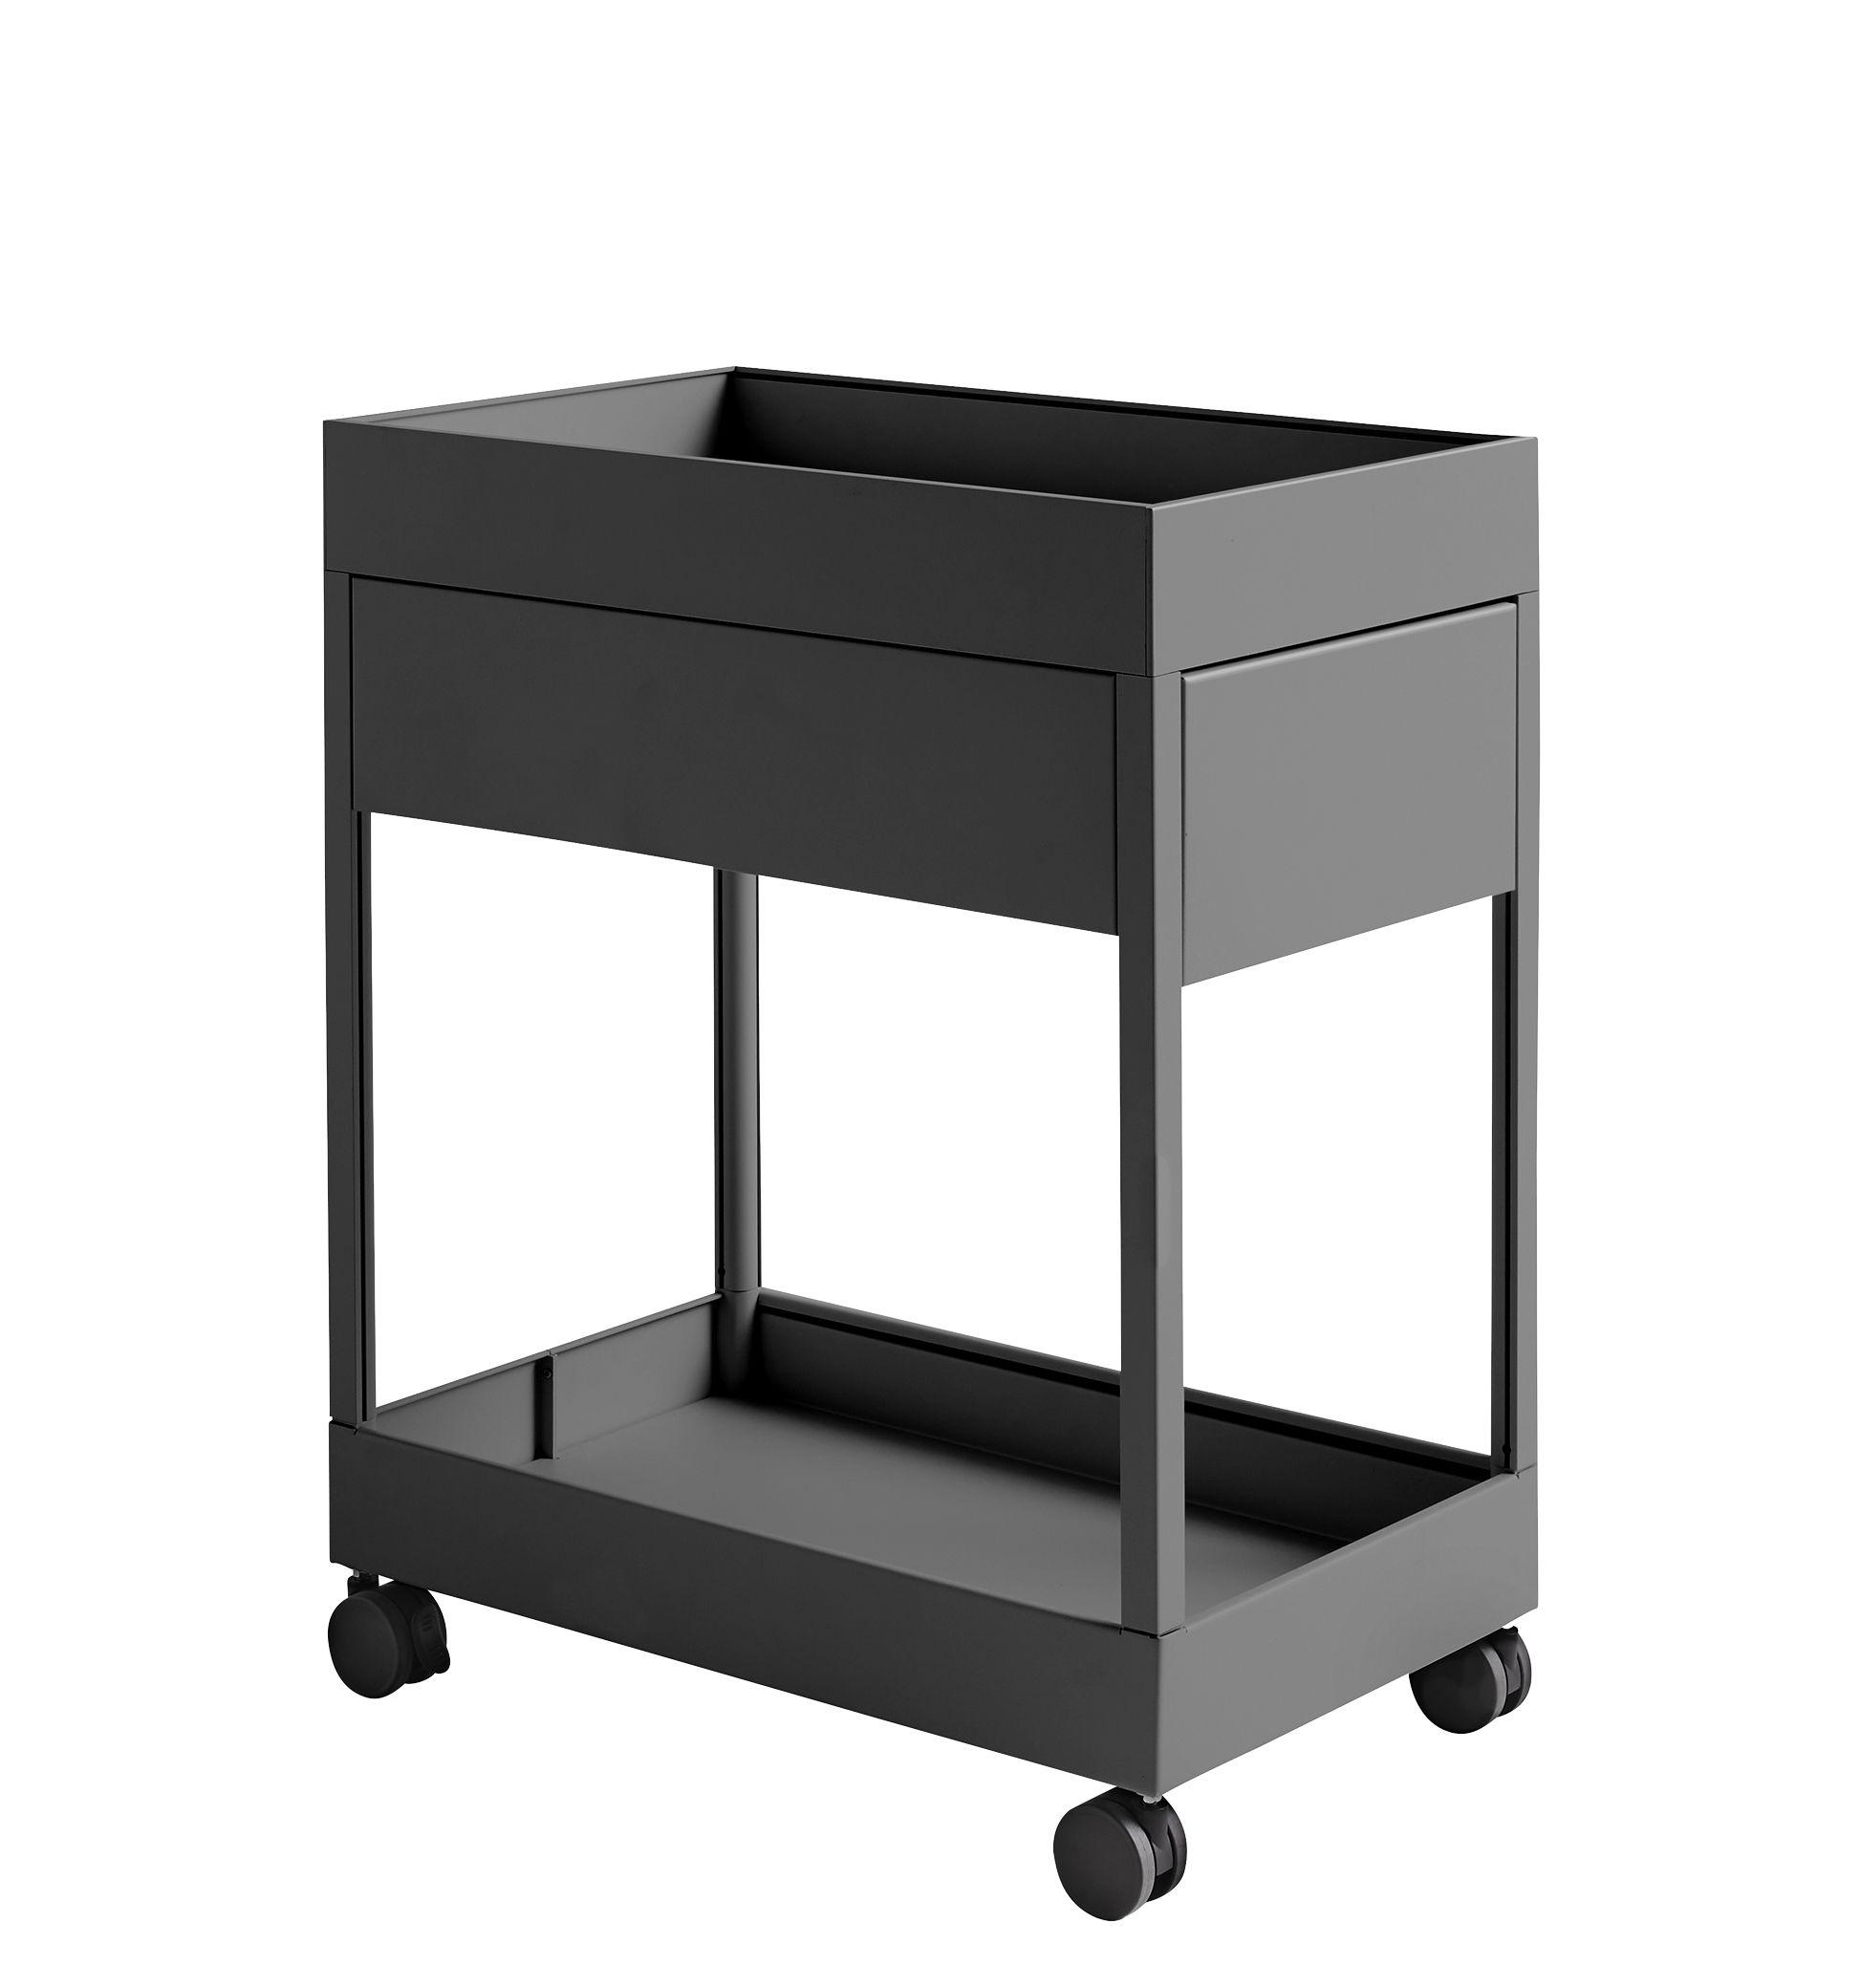 Möbel - Aufbewahrungsmöbel - New Order Rollcontainer / 1 Schublade - Hay - Graphitschwarz - lackierter Stahl